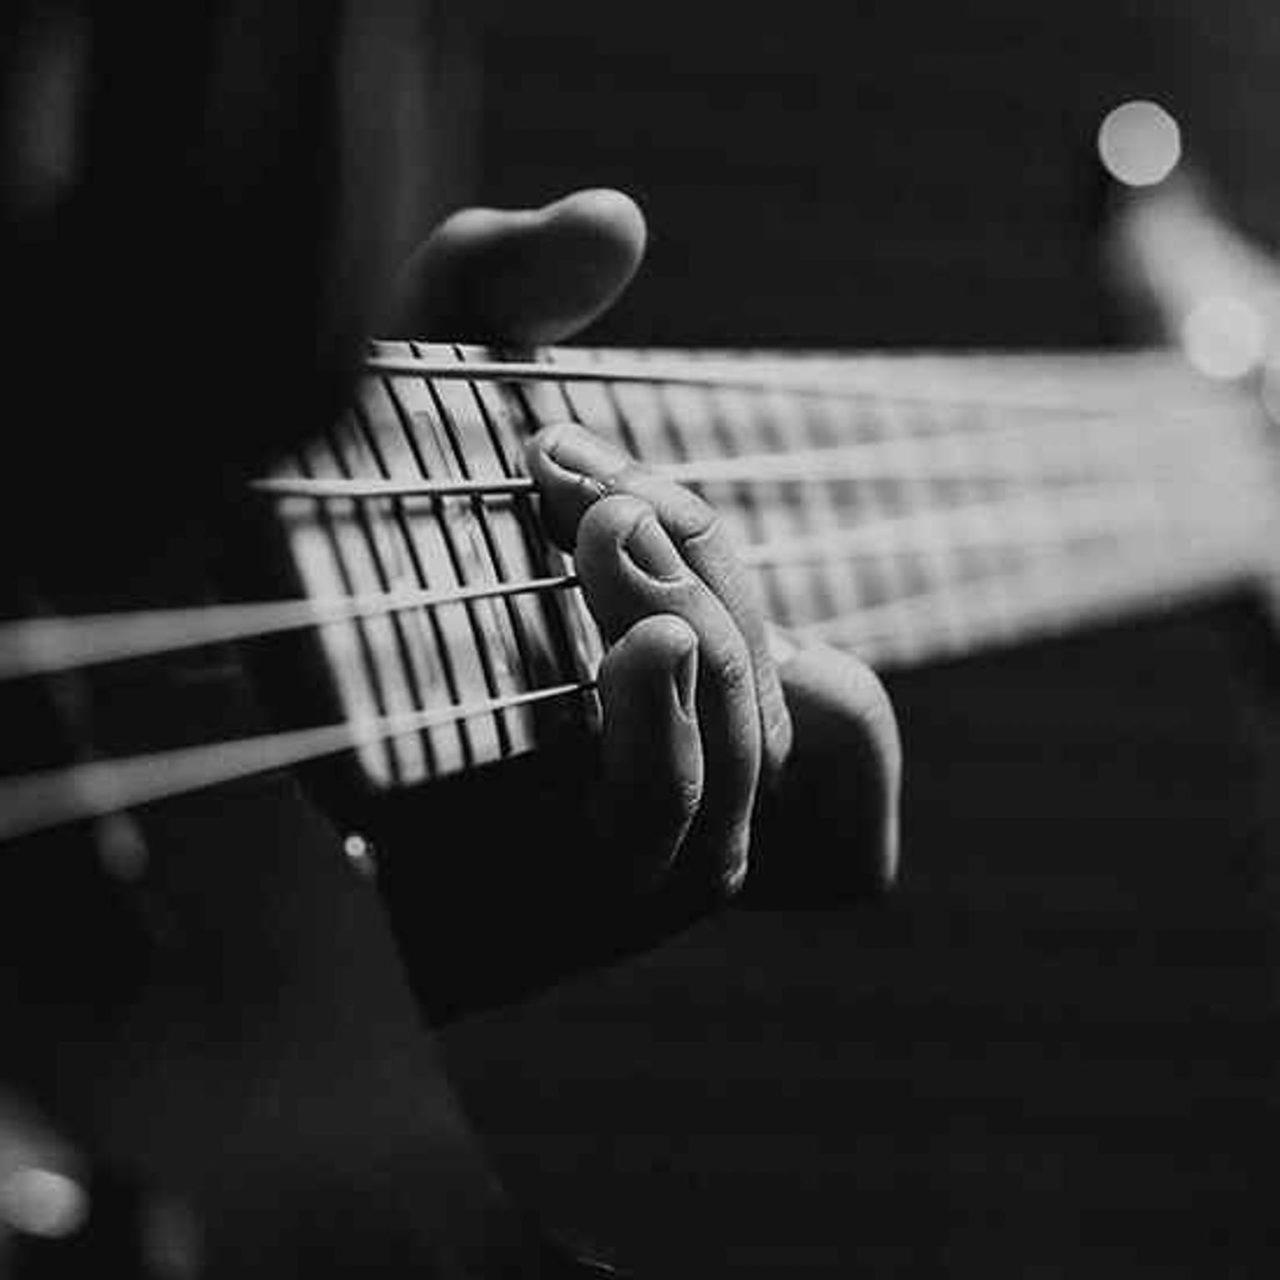 https://www.accademiamoebius.it/wp-content/uploads/2019/12/moebius-music-academy-01-6-1280x1280.jpg